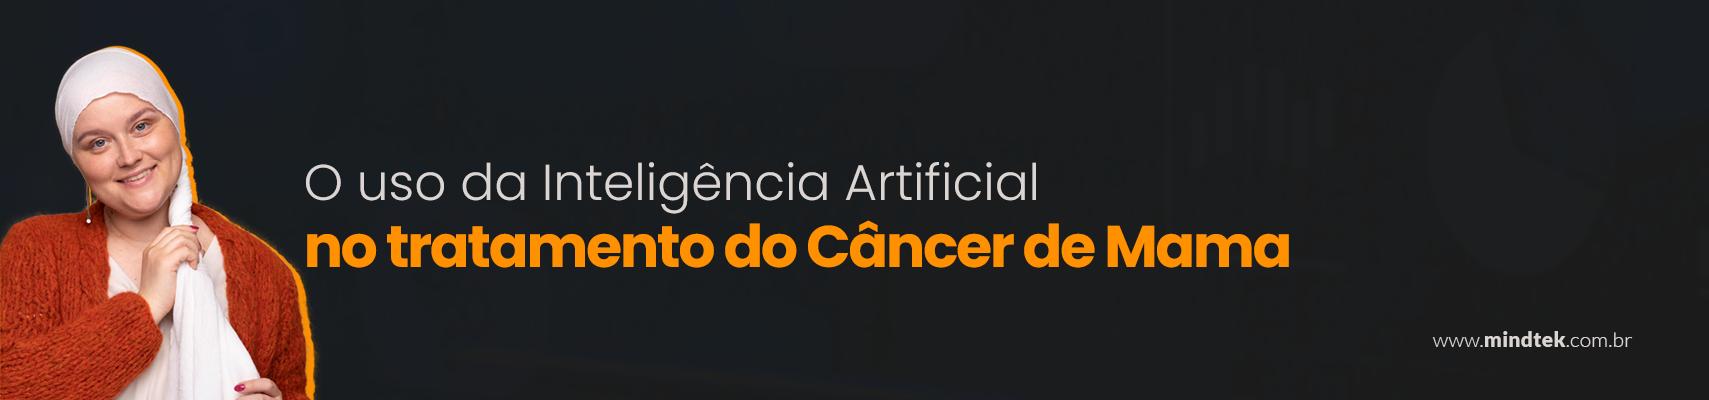 Outubro Rosa: Como a Inteligência Artificial combate ao câncer de Mama?